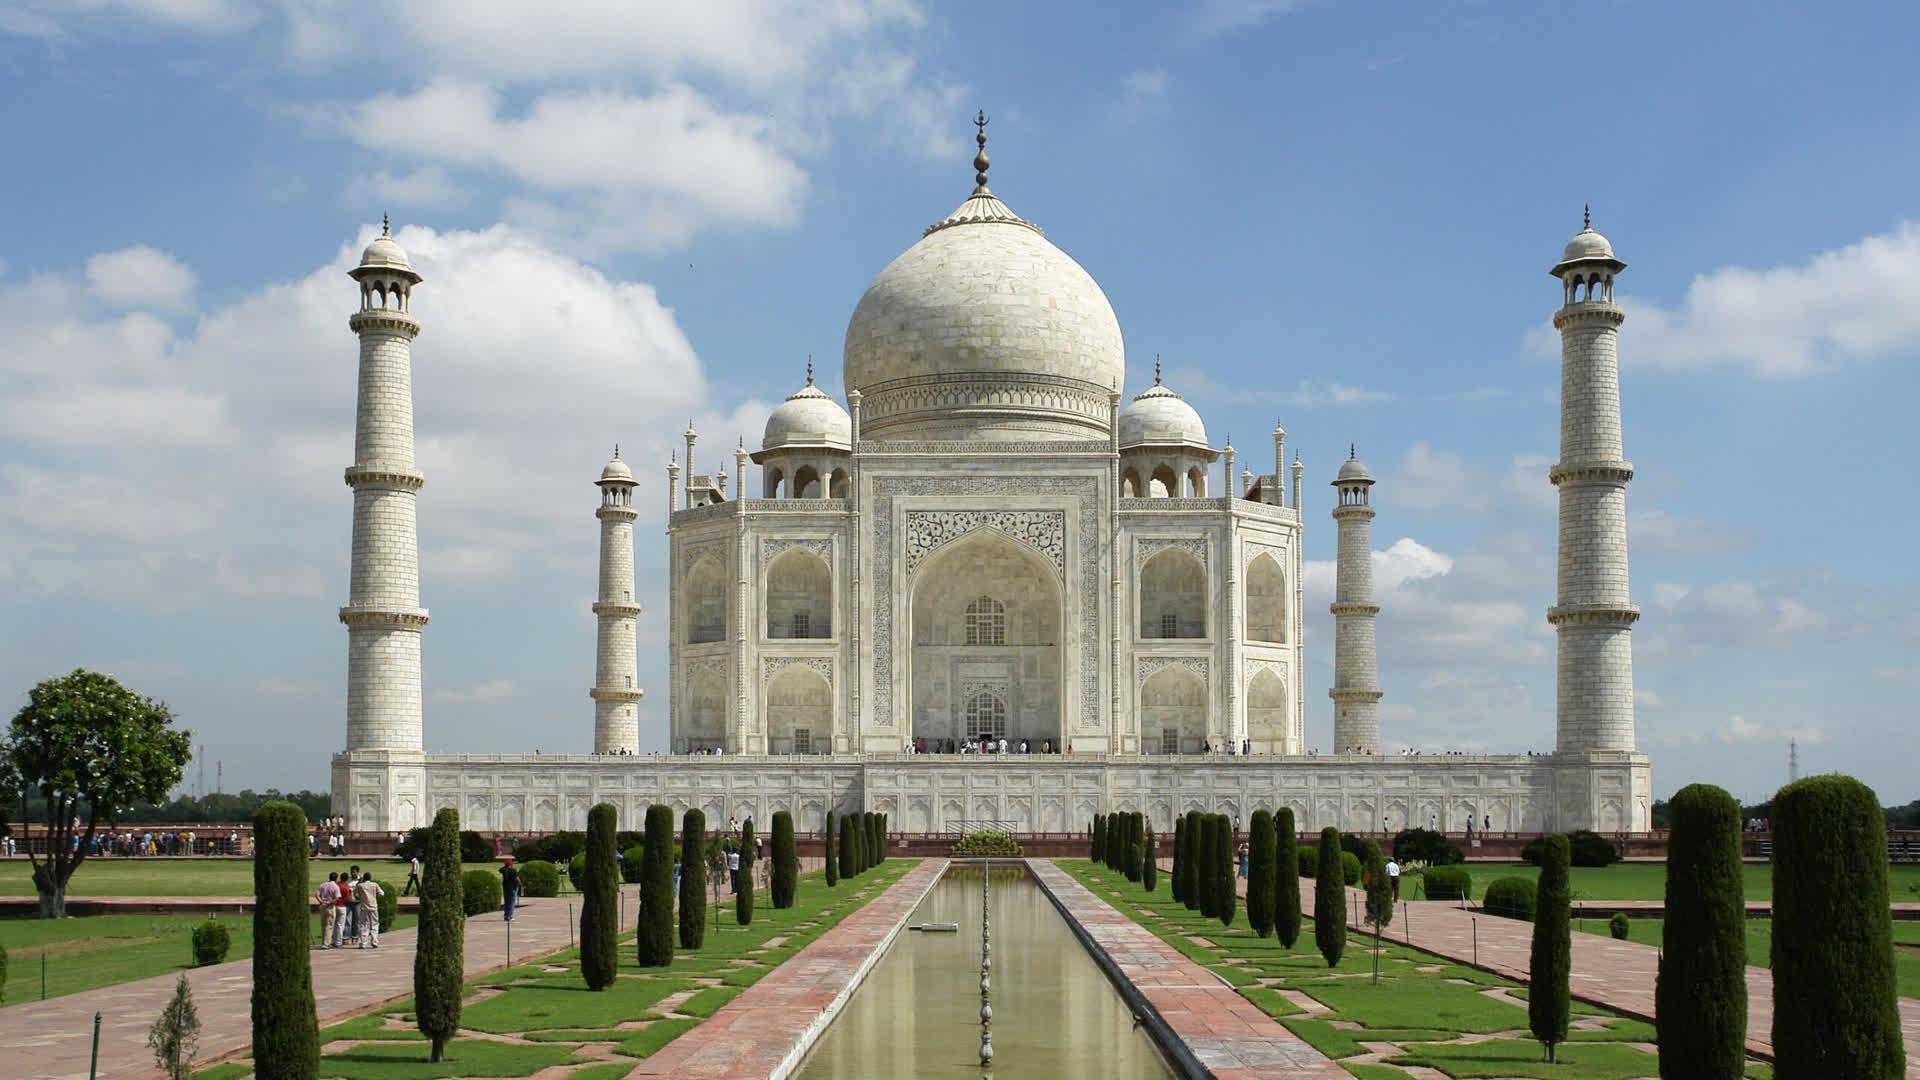 ताज महल: एक अजूबा